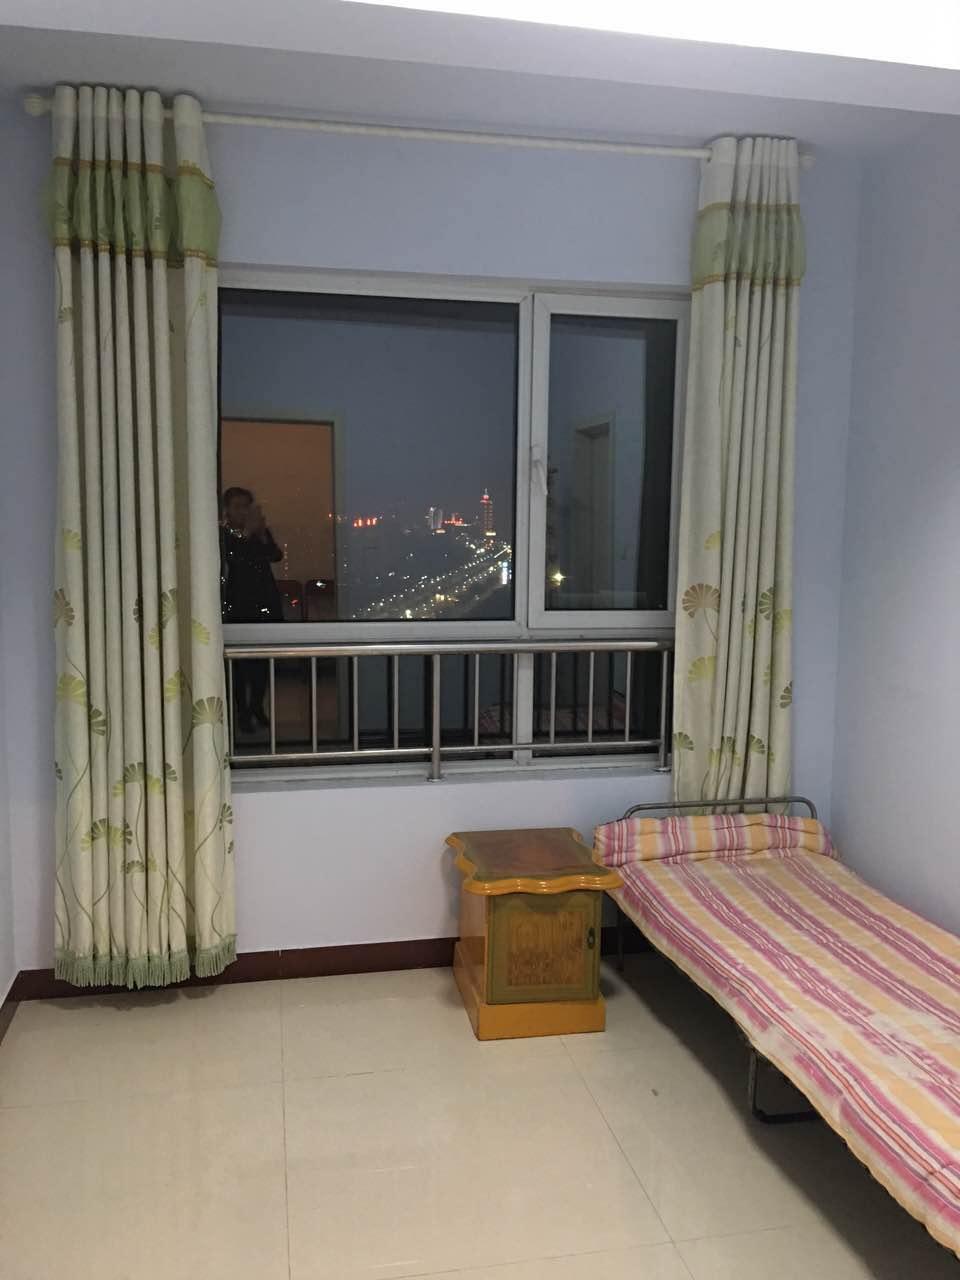 天钰铭城 2室2厅 25楼